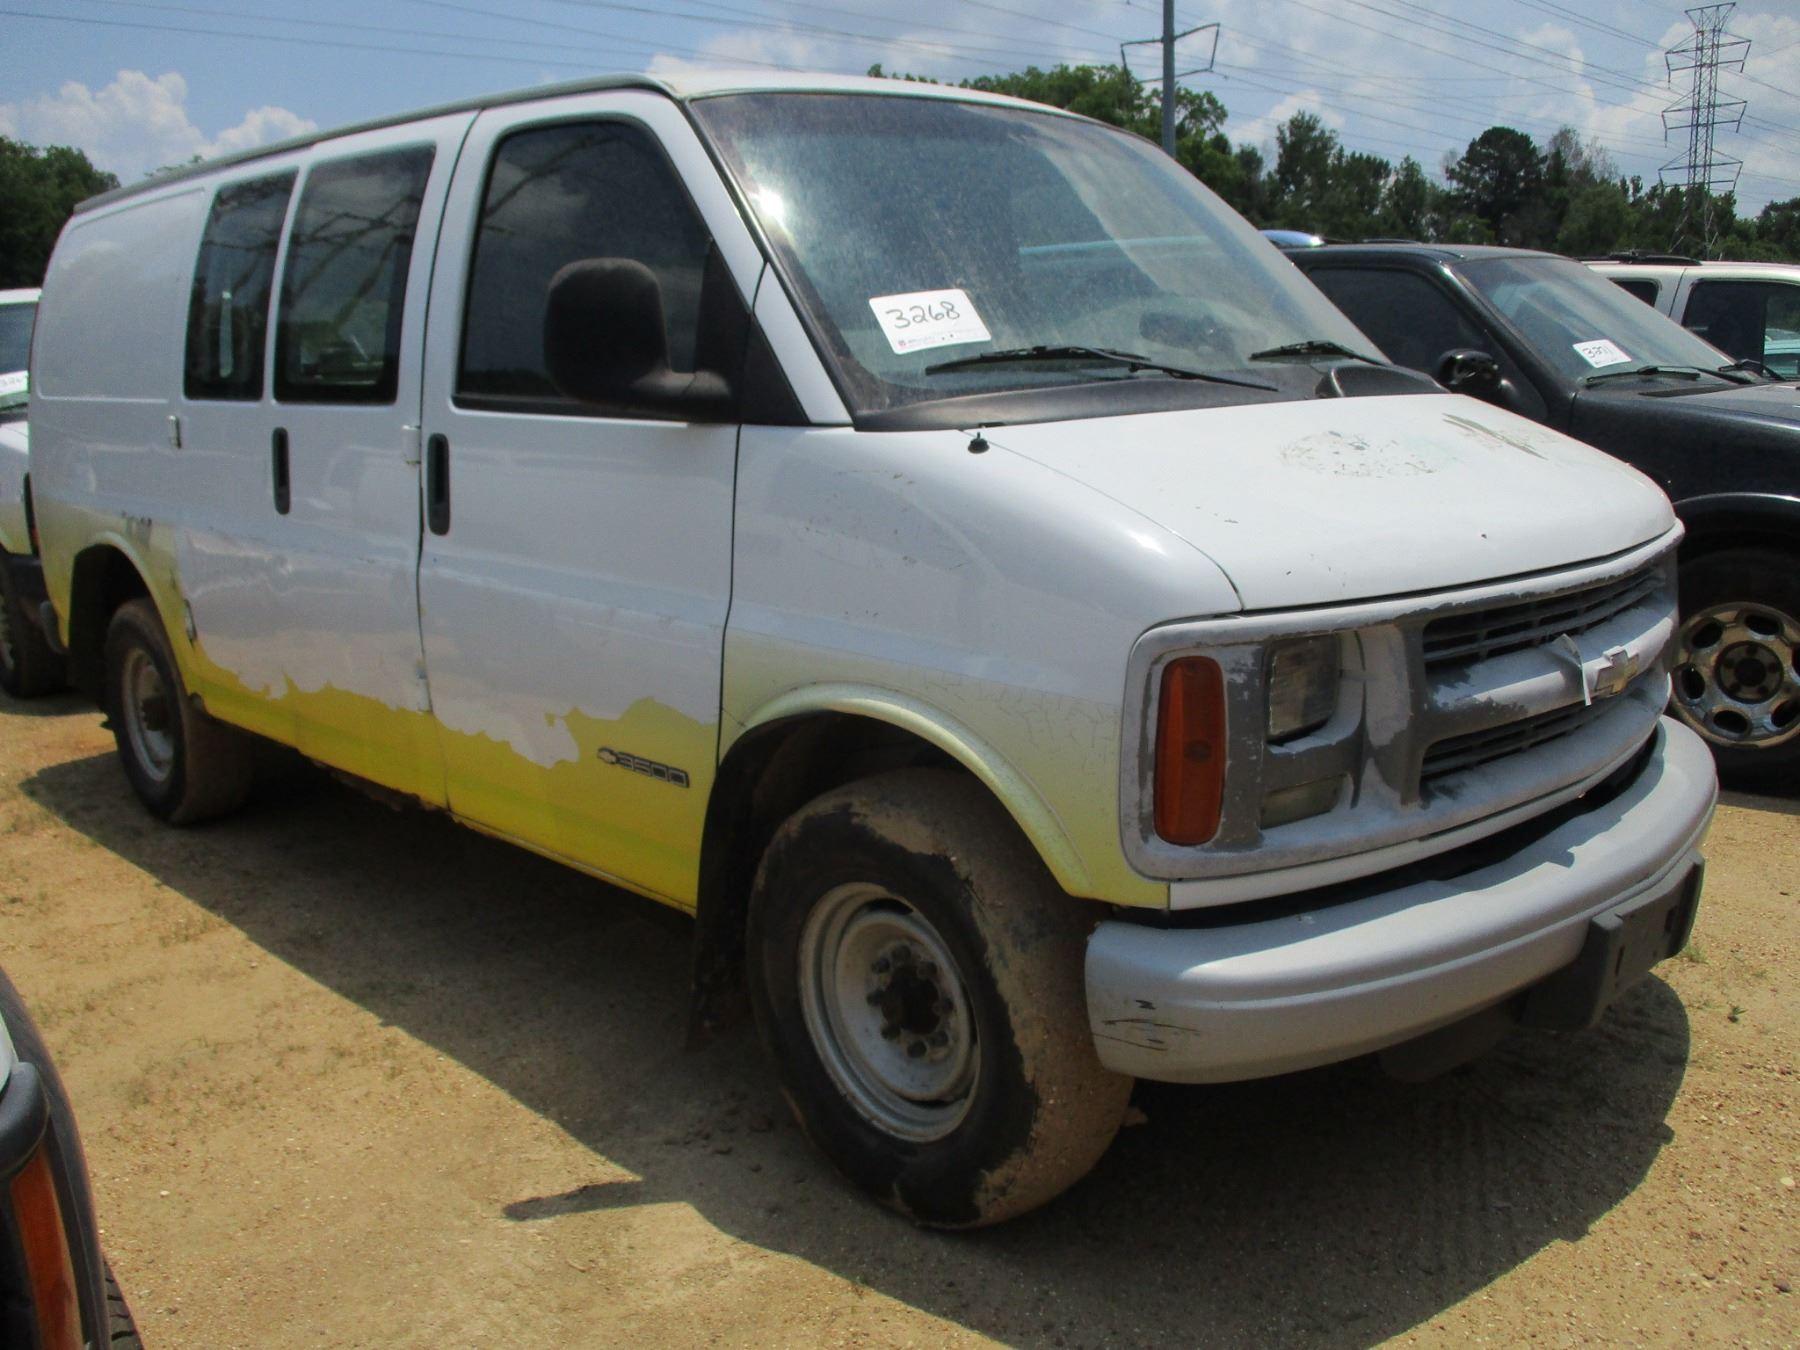 2002 Chevrolet 3500 Express Cargo Van  Vin  Sn 1gchg35r421158815  T  Odometer